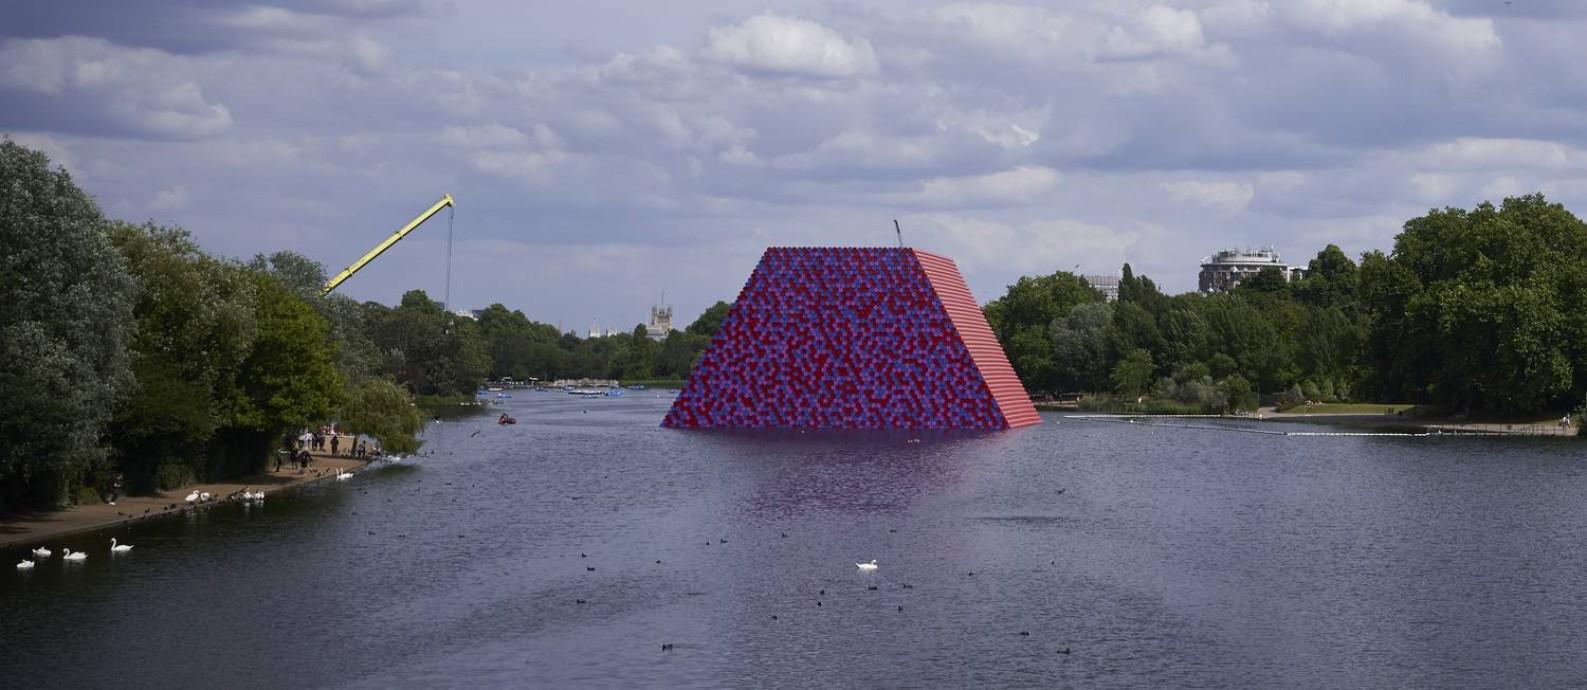 """A escultura temporária de Christo """"The London Mastaba,"""" feita com 7.506 barris pintados e empilhados horizontalmente, flutua no lago Serpentine, do Hyde Park, em Londres Foto: DAVID AZIA / The New York Times"""